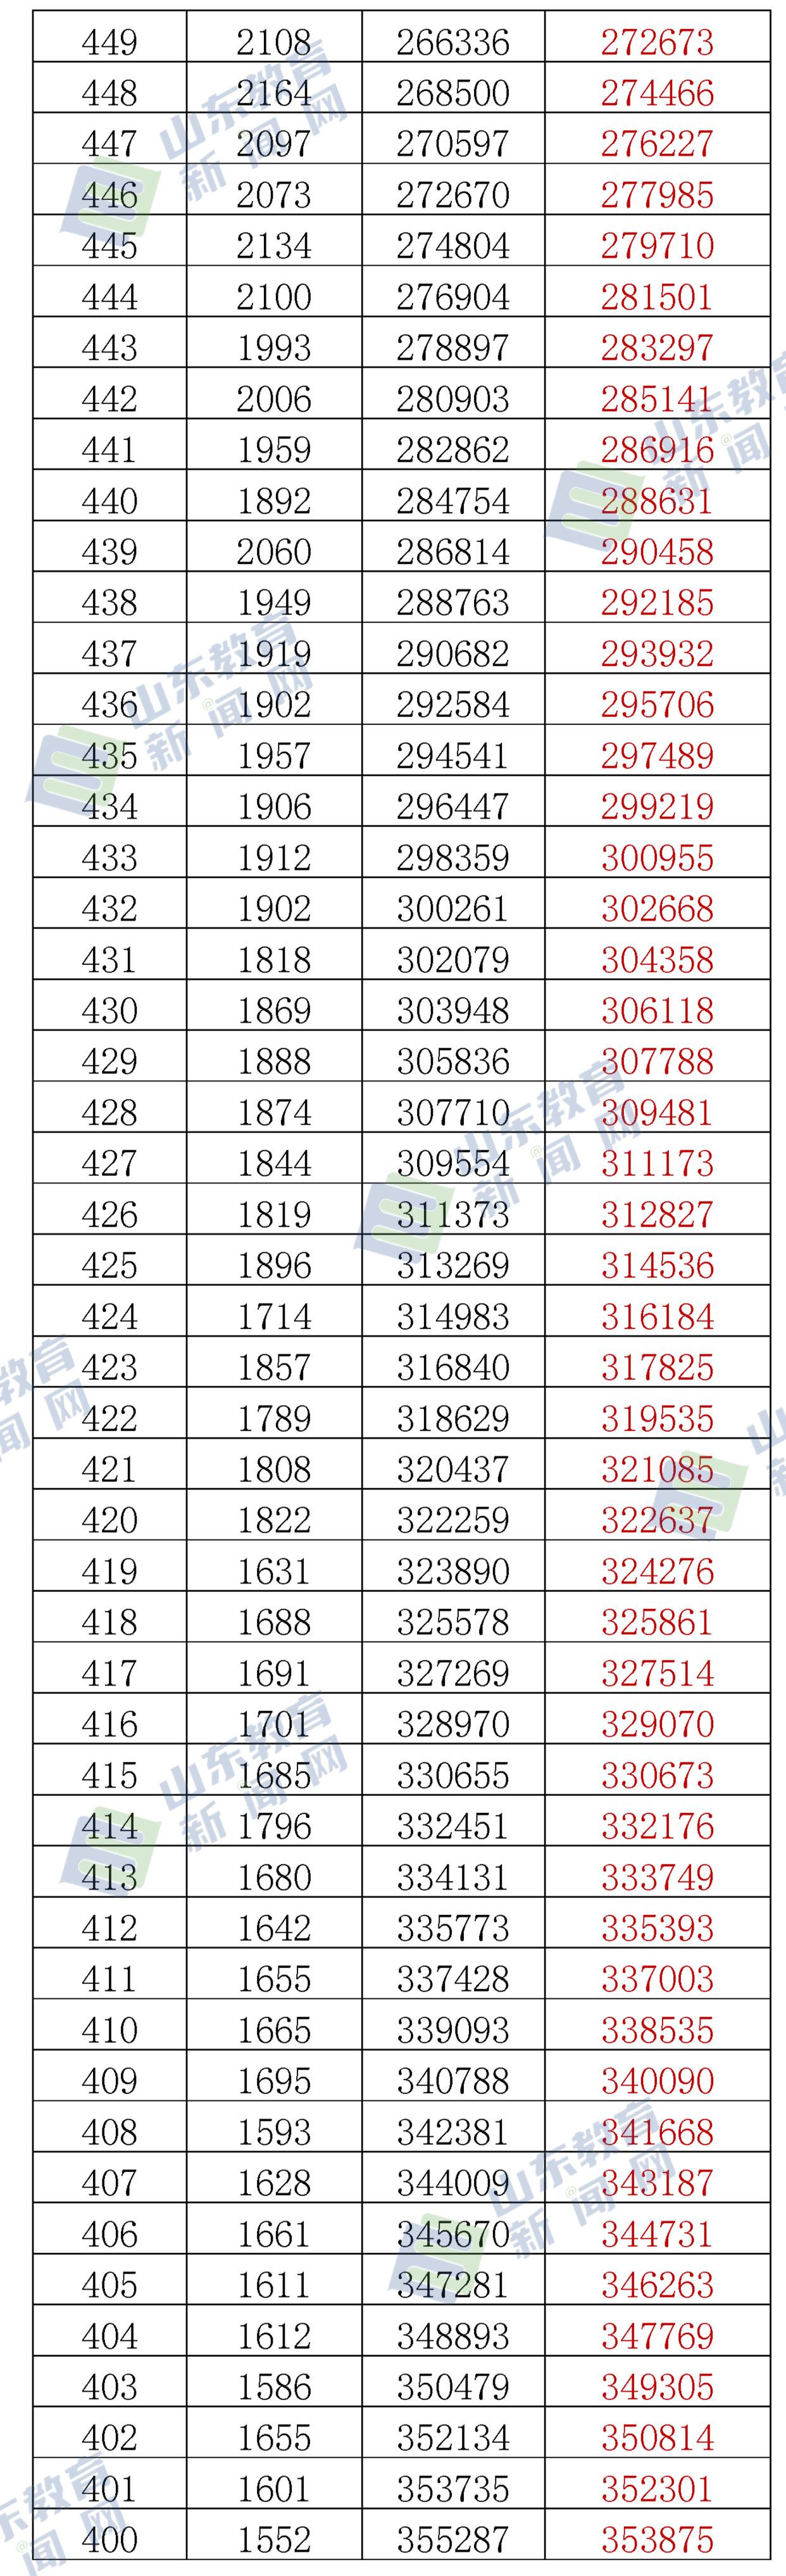 山东高考2021年、2020年一分一段表对比!600分以上少一万人